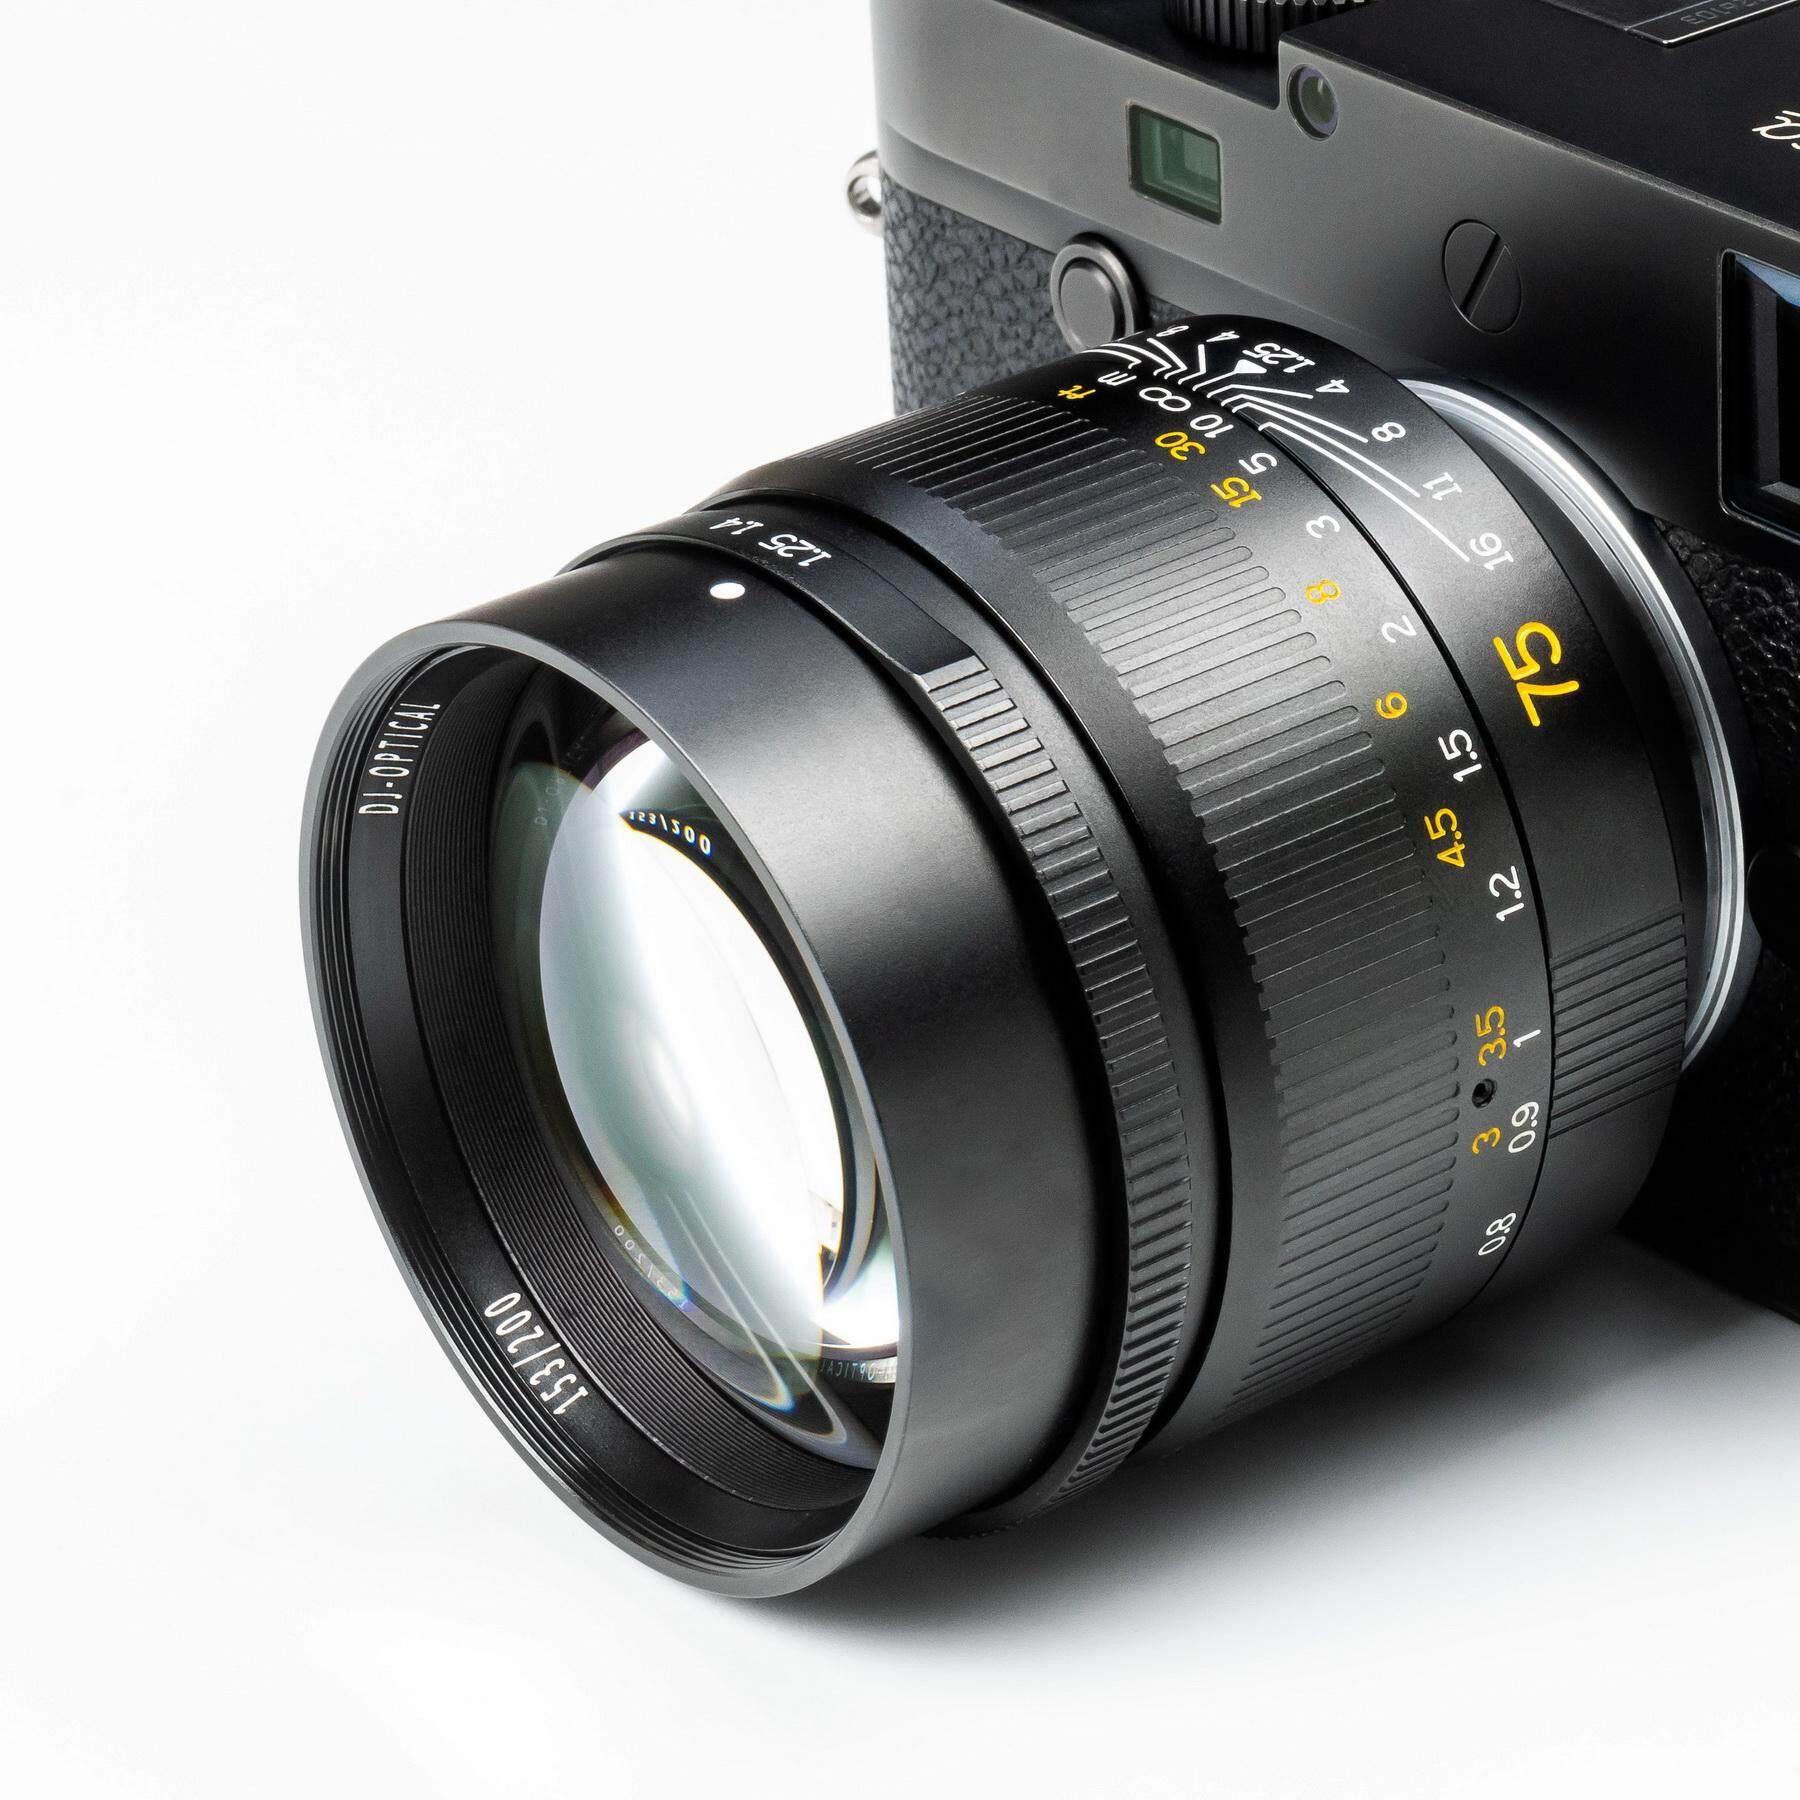 เลนส์มือหมุน 7artisans 75mm F1.25 เมาท์ Leica M เลนส์สำหรับกล้อง Leica M Mount เช่น Leica M1 M2 M3 M4 M6 M6 Ttl M7 M8 M9 M10 Mp M9p M10p M240 M240p Me M262 Mp-240 ( เลนส์ ฟลูเฟรม ) ( Full Frame Lens ) ( ( 75 Mm 1.2 / F 1.25 ไลก้า Fullframe ).